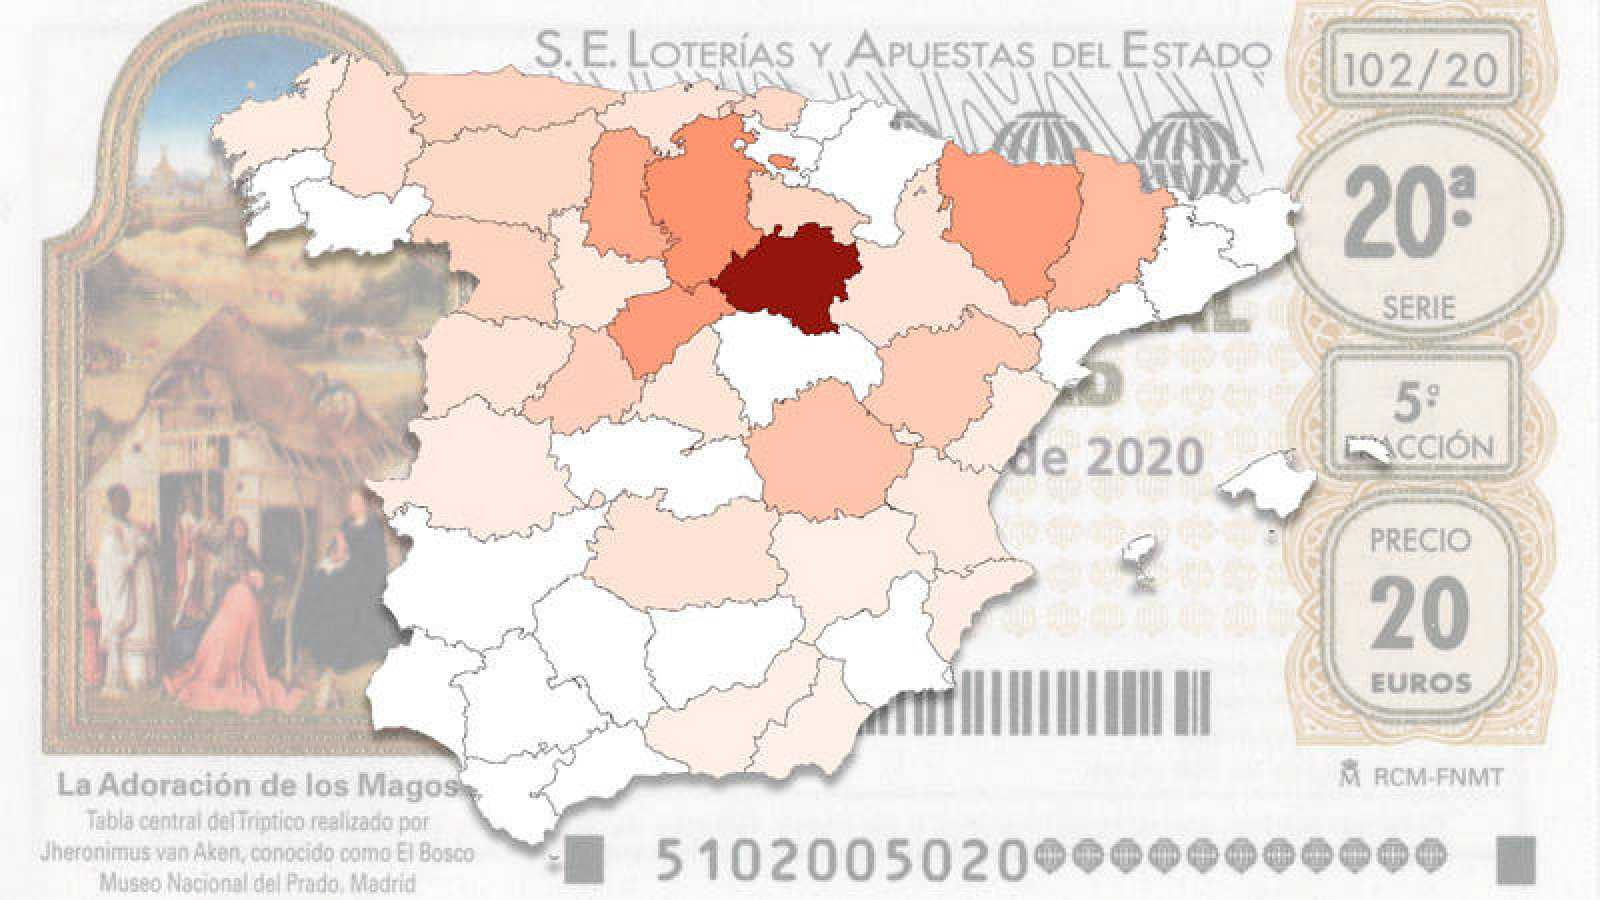 Los sorianos vuelven a ser los españoles que más Lotería de Navidad compran